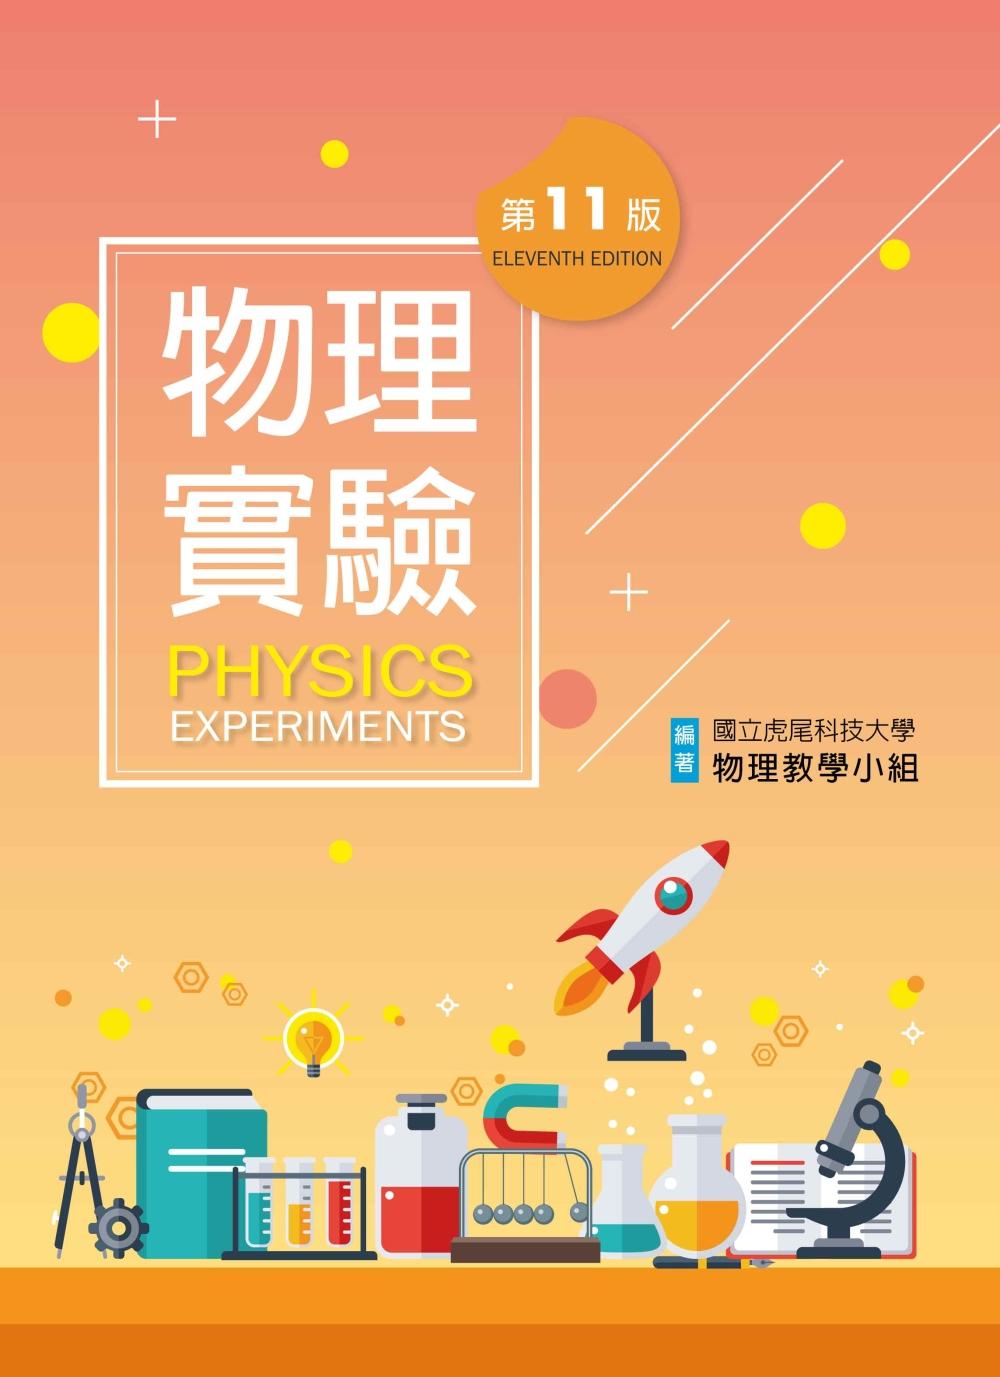 物理實驗(第十一版)